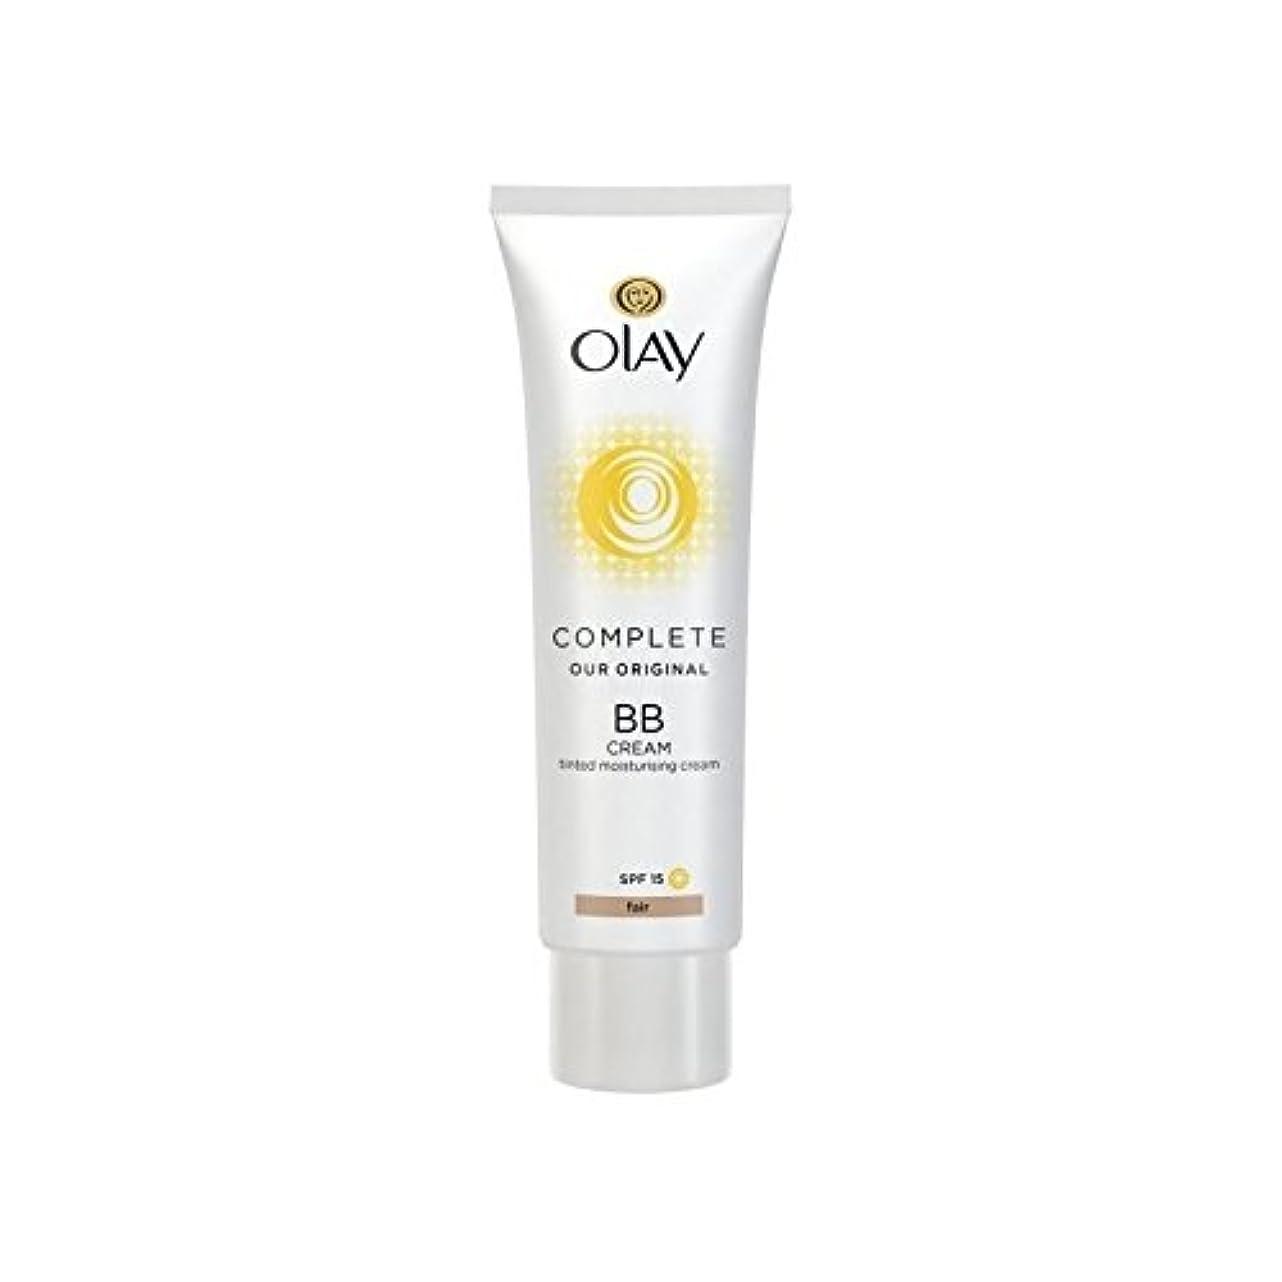 信号クリックあなたはオーレイ完全なクリーム15フェアの50ミリリットル x2 - Olay Complete BB Cream Fair SPF15 50ml (Pack of 2) [並行輸入品]